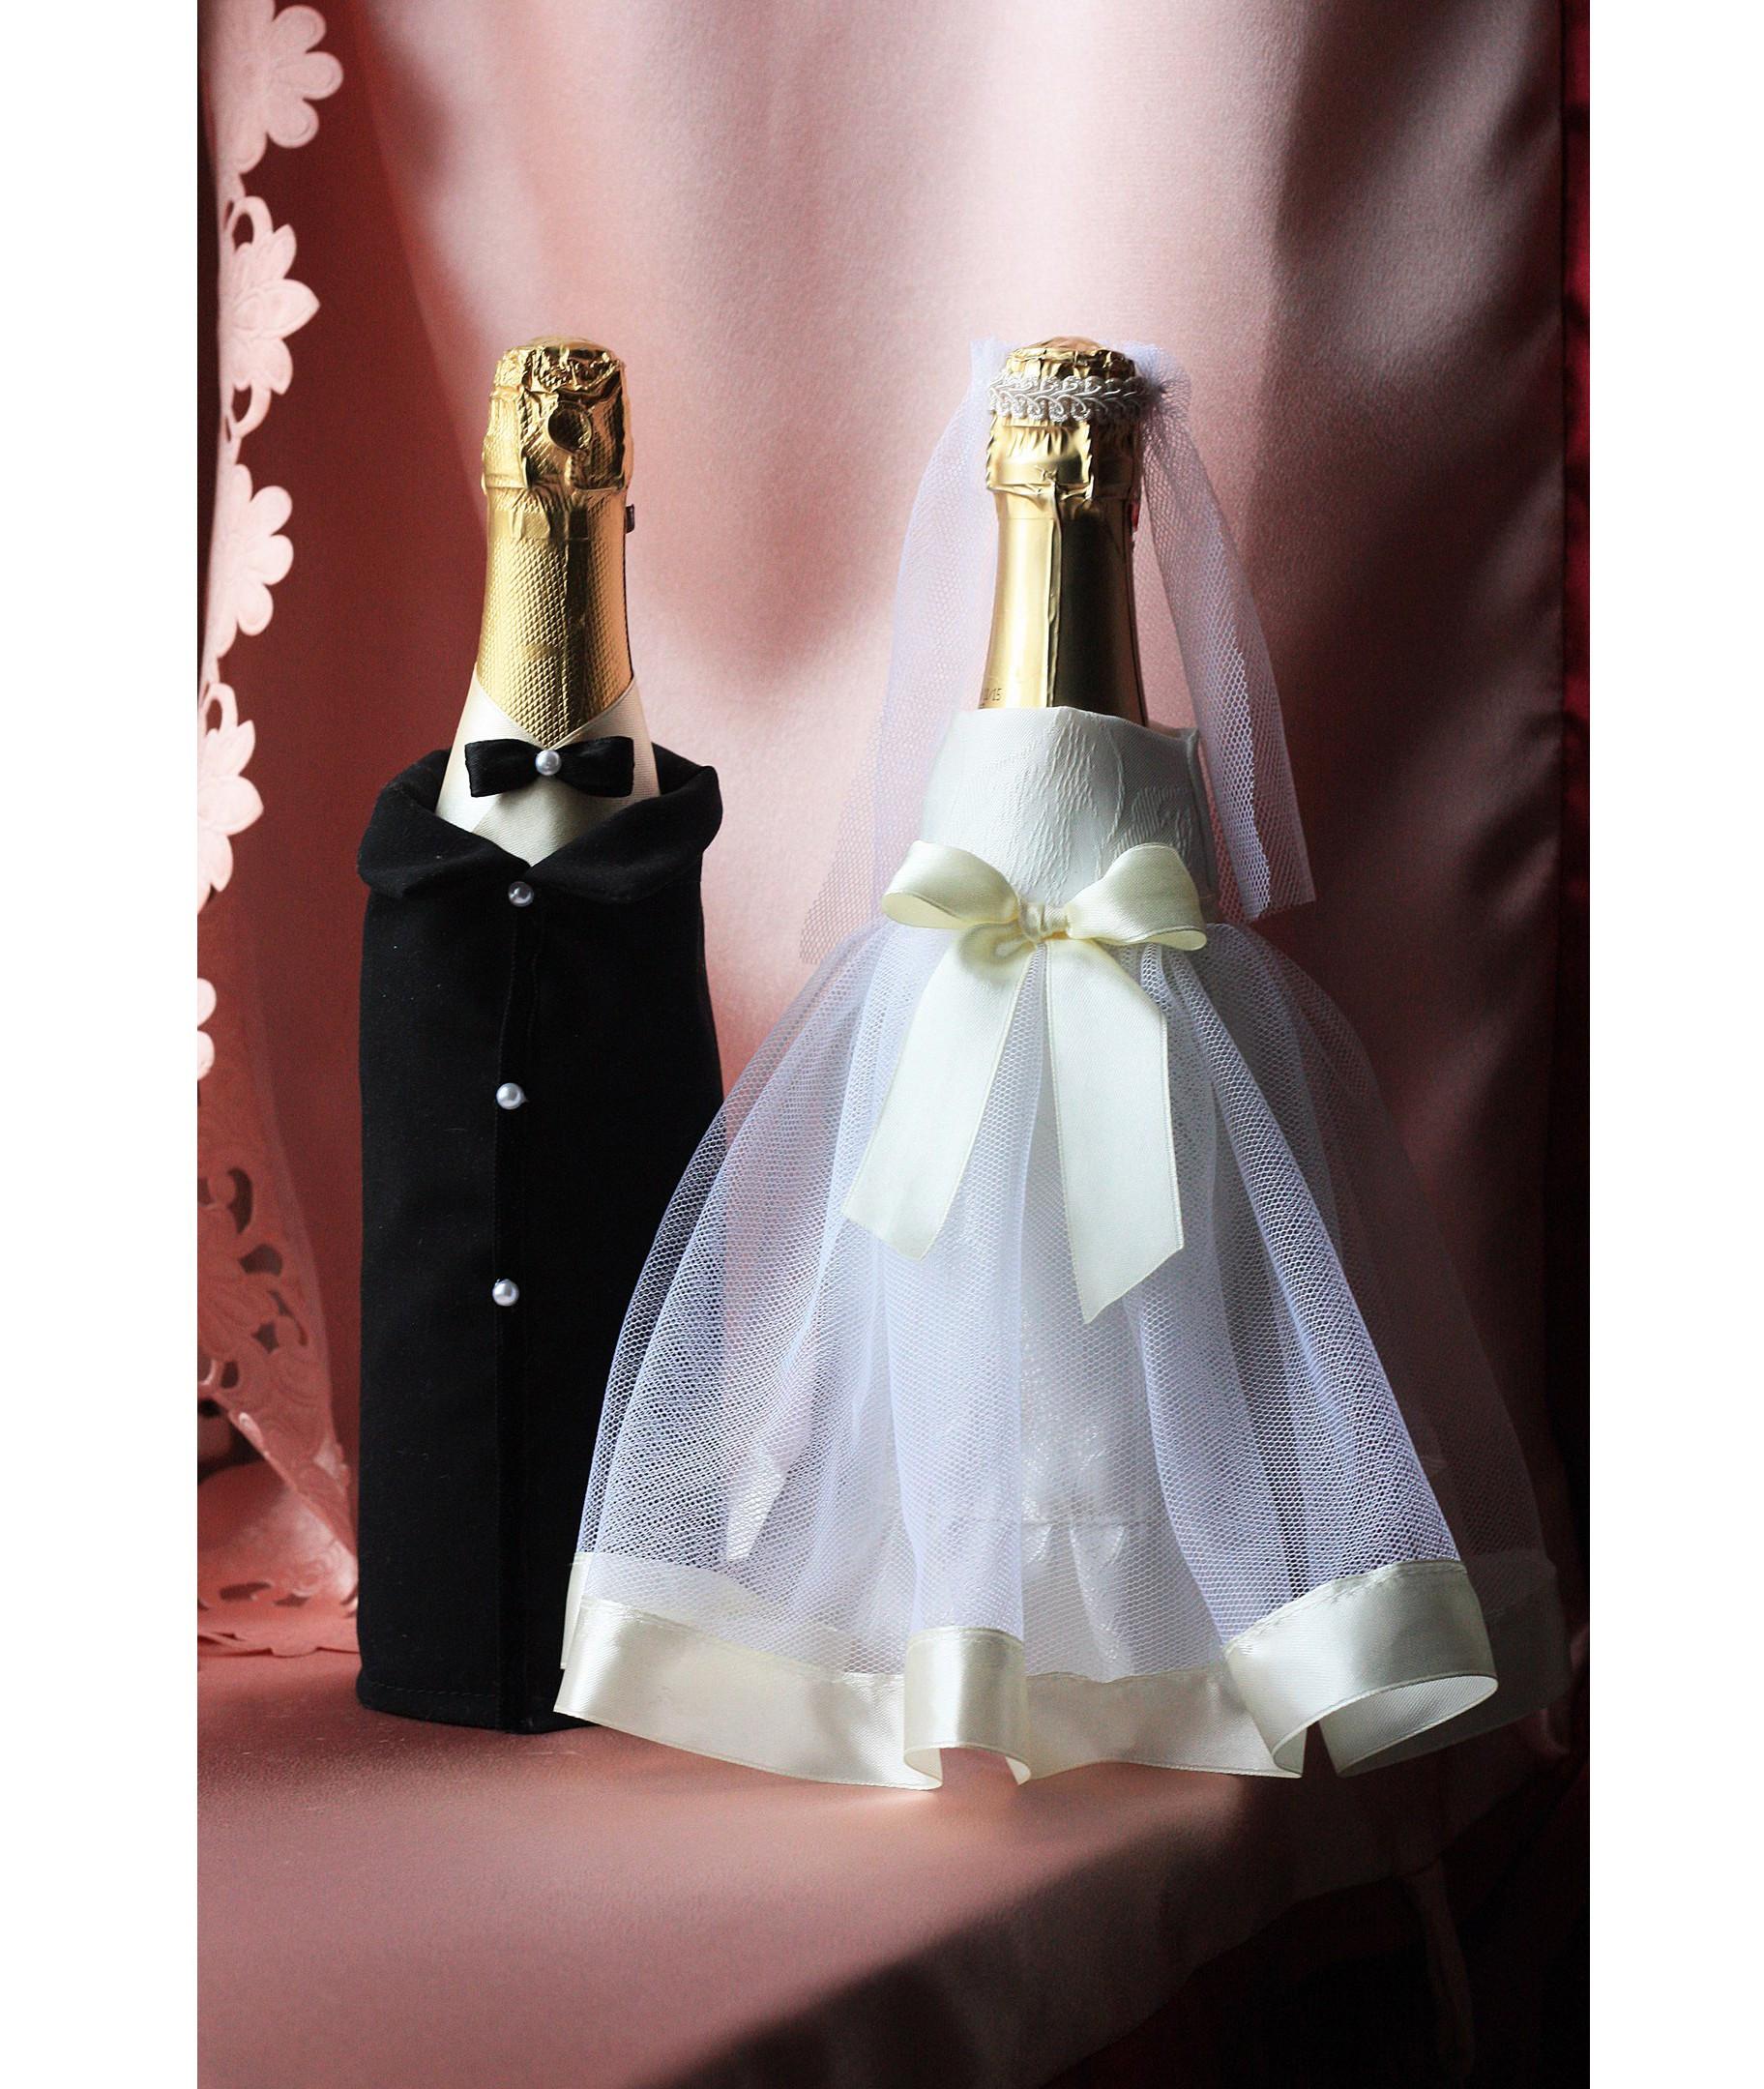 Костюм на бутылки шампанского своими руками 53